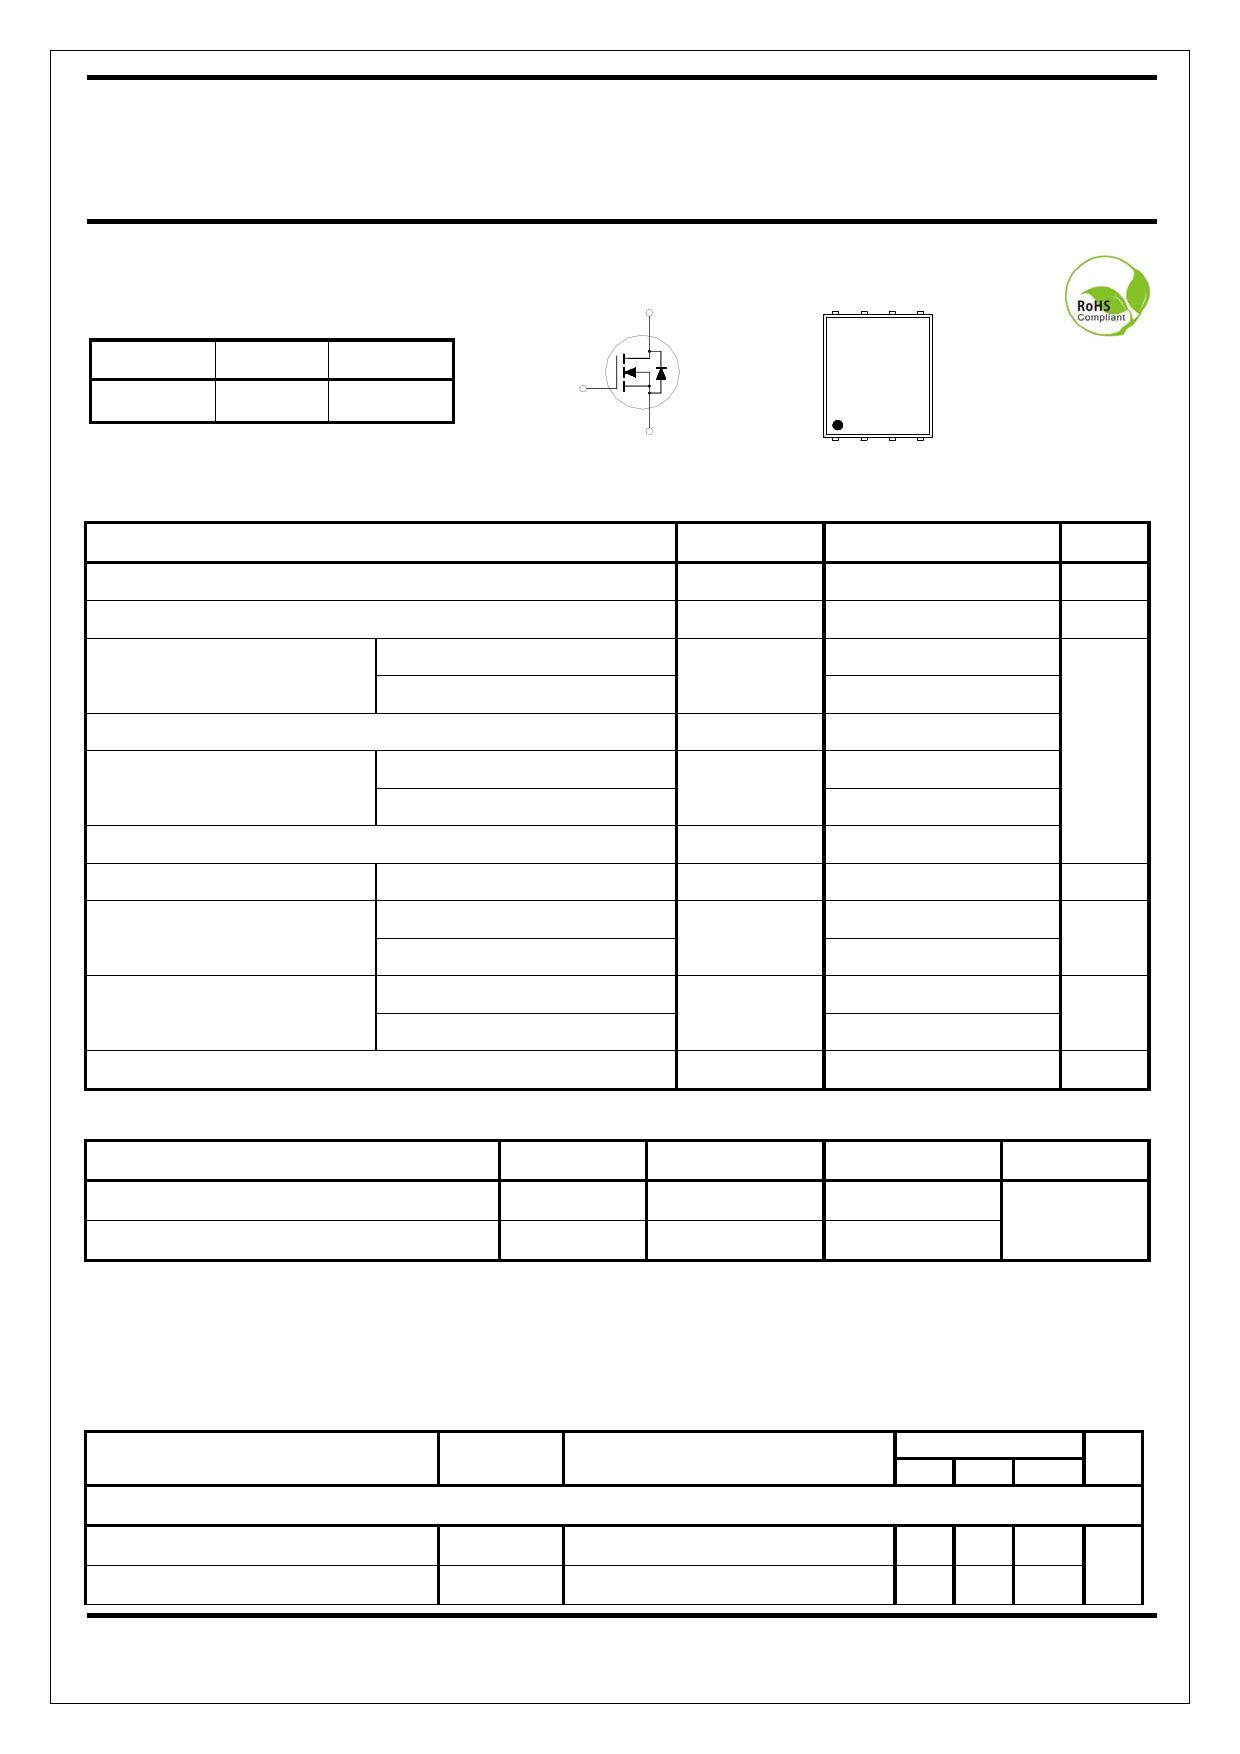 PK502BA 데이터시트 및 PK502BA PDF